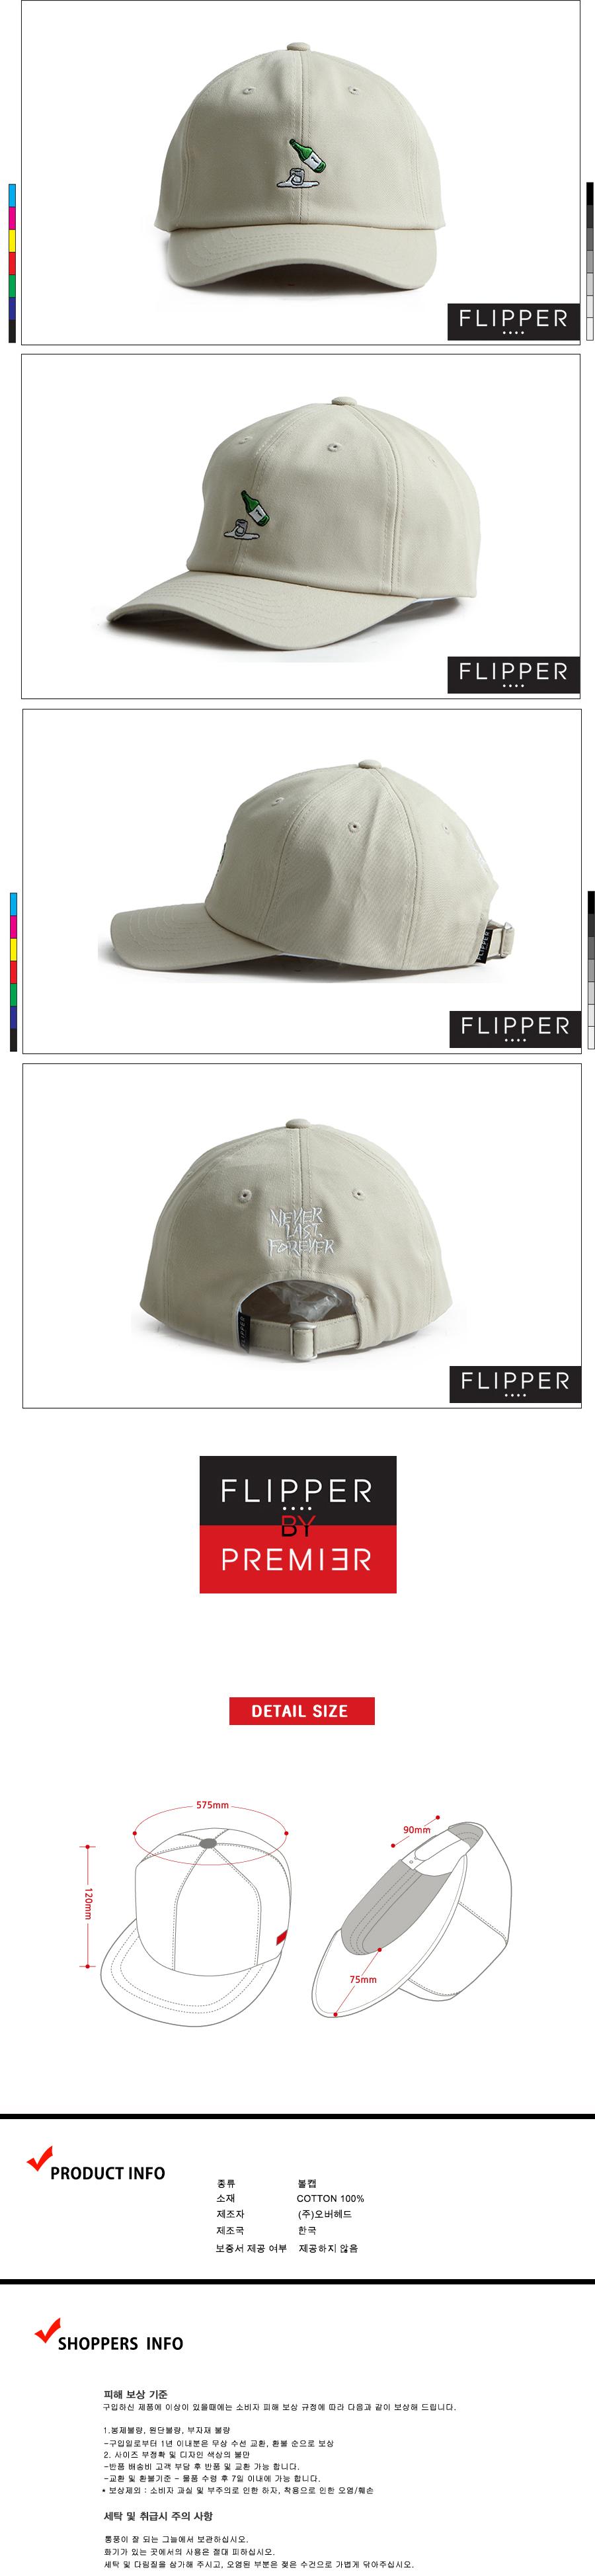 [ PREMIER ] [Premier] Flipper Ball Cap Never Last Forever Beige (FL109)